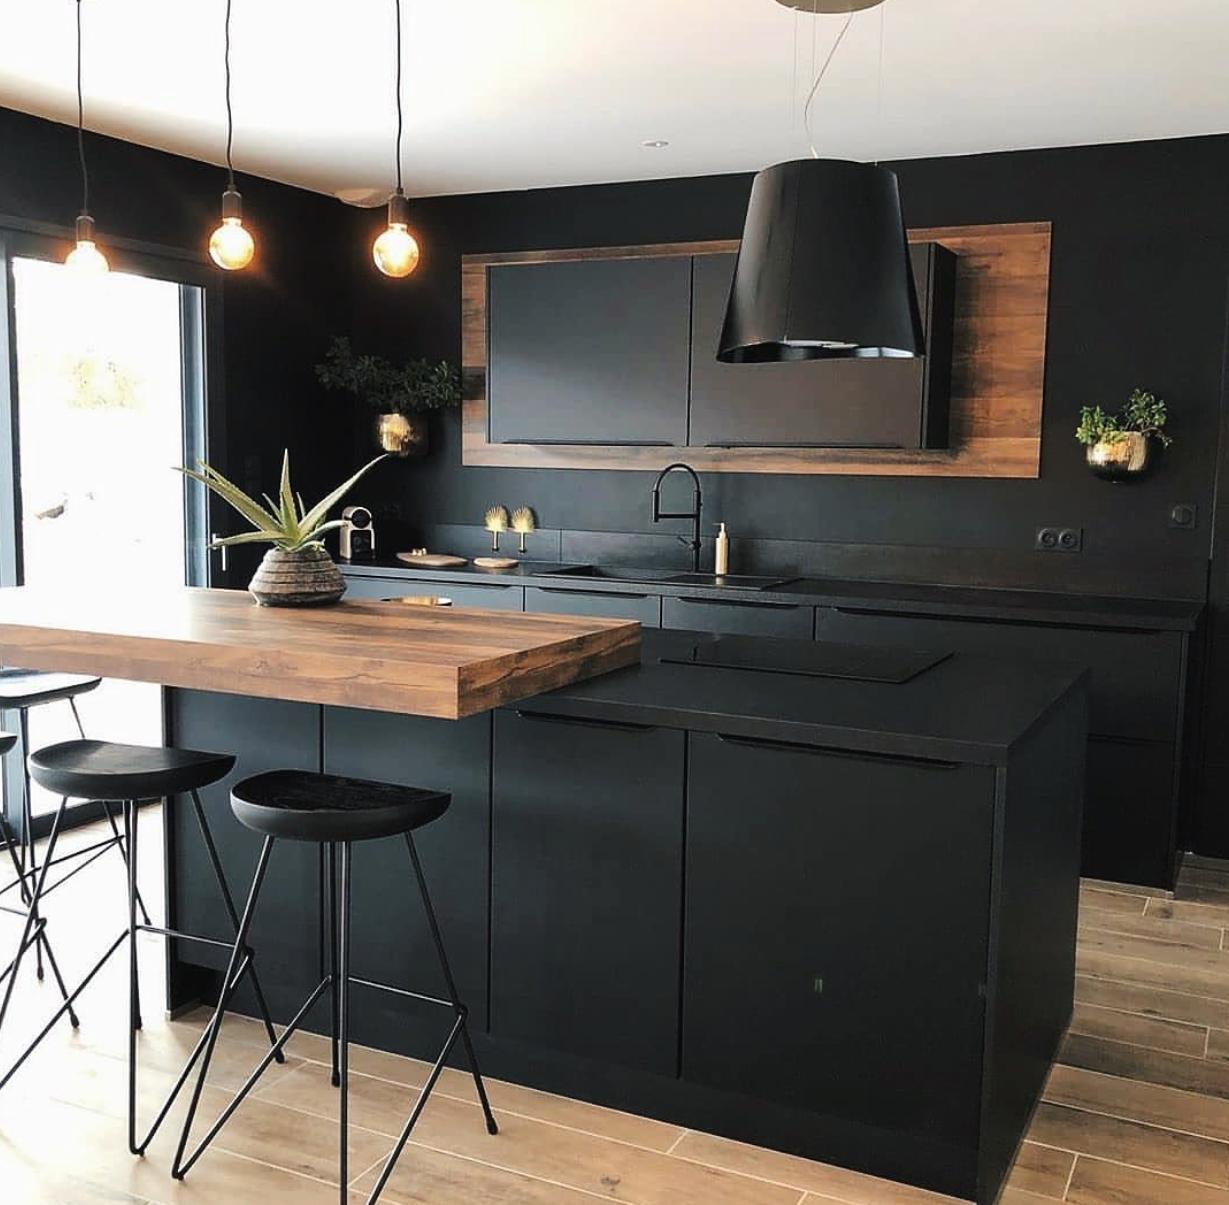 Modern minimalist kitchen design in 2020 | Minimalist ...